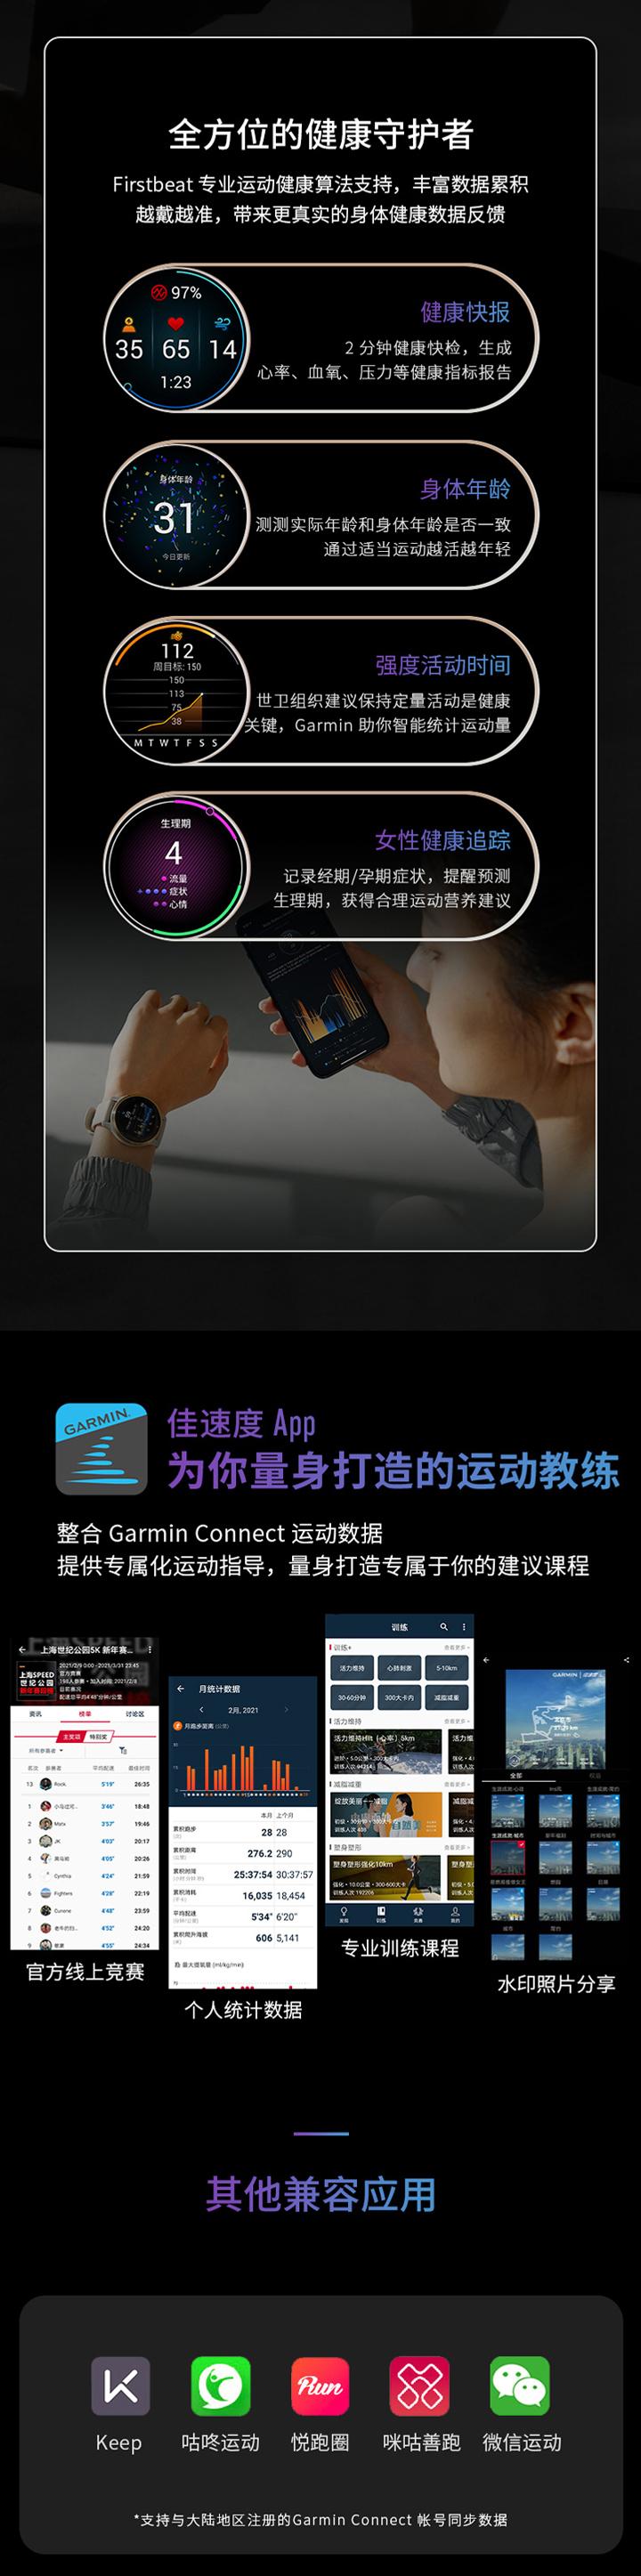 佳明Venu 2系列智能腕表免费试用,评测